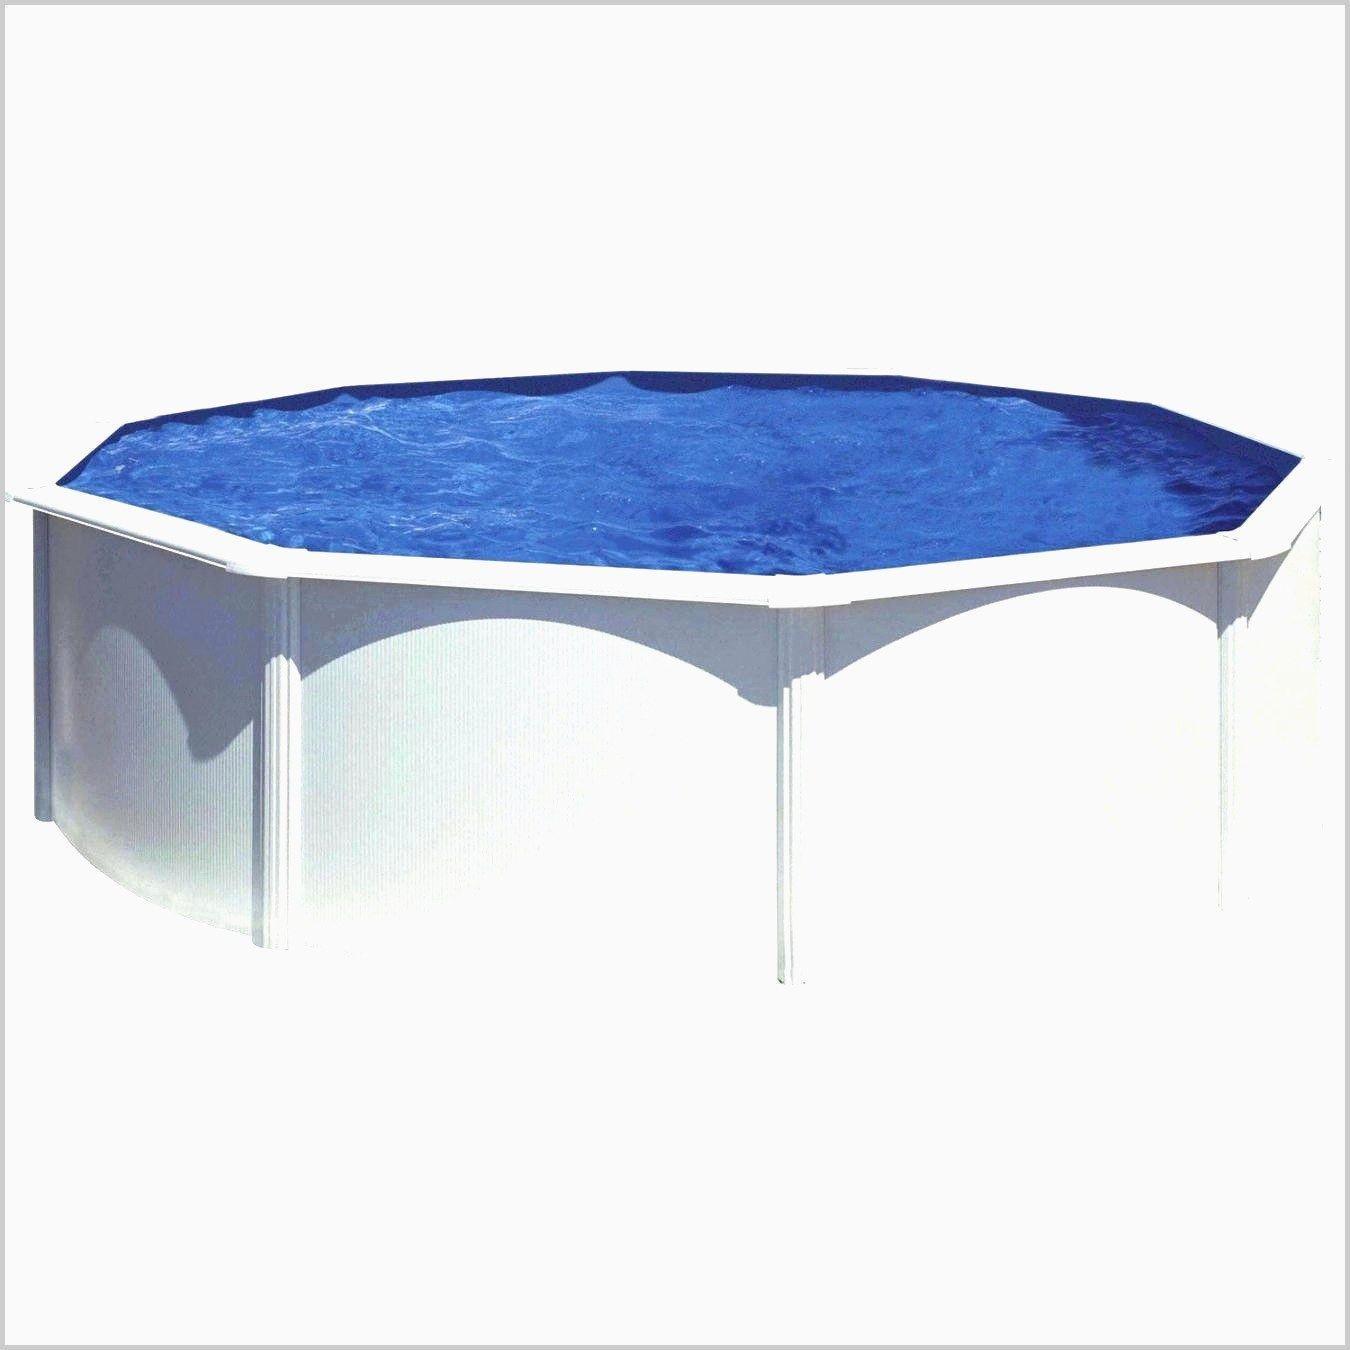 Bache #castoram #castorama #cover #pool #roller #swimming ... pour Enrouleur Bache Piscine Castorama